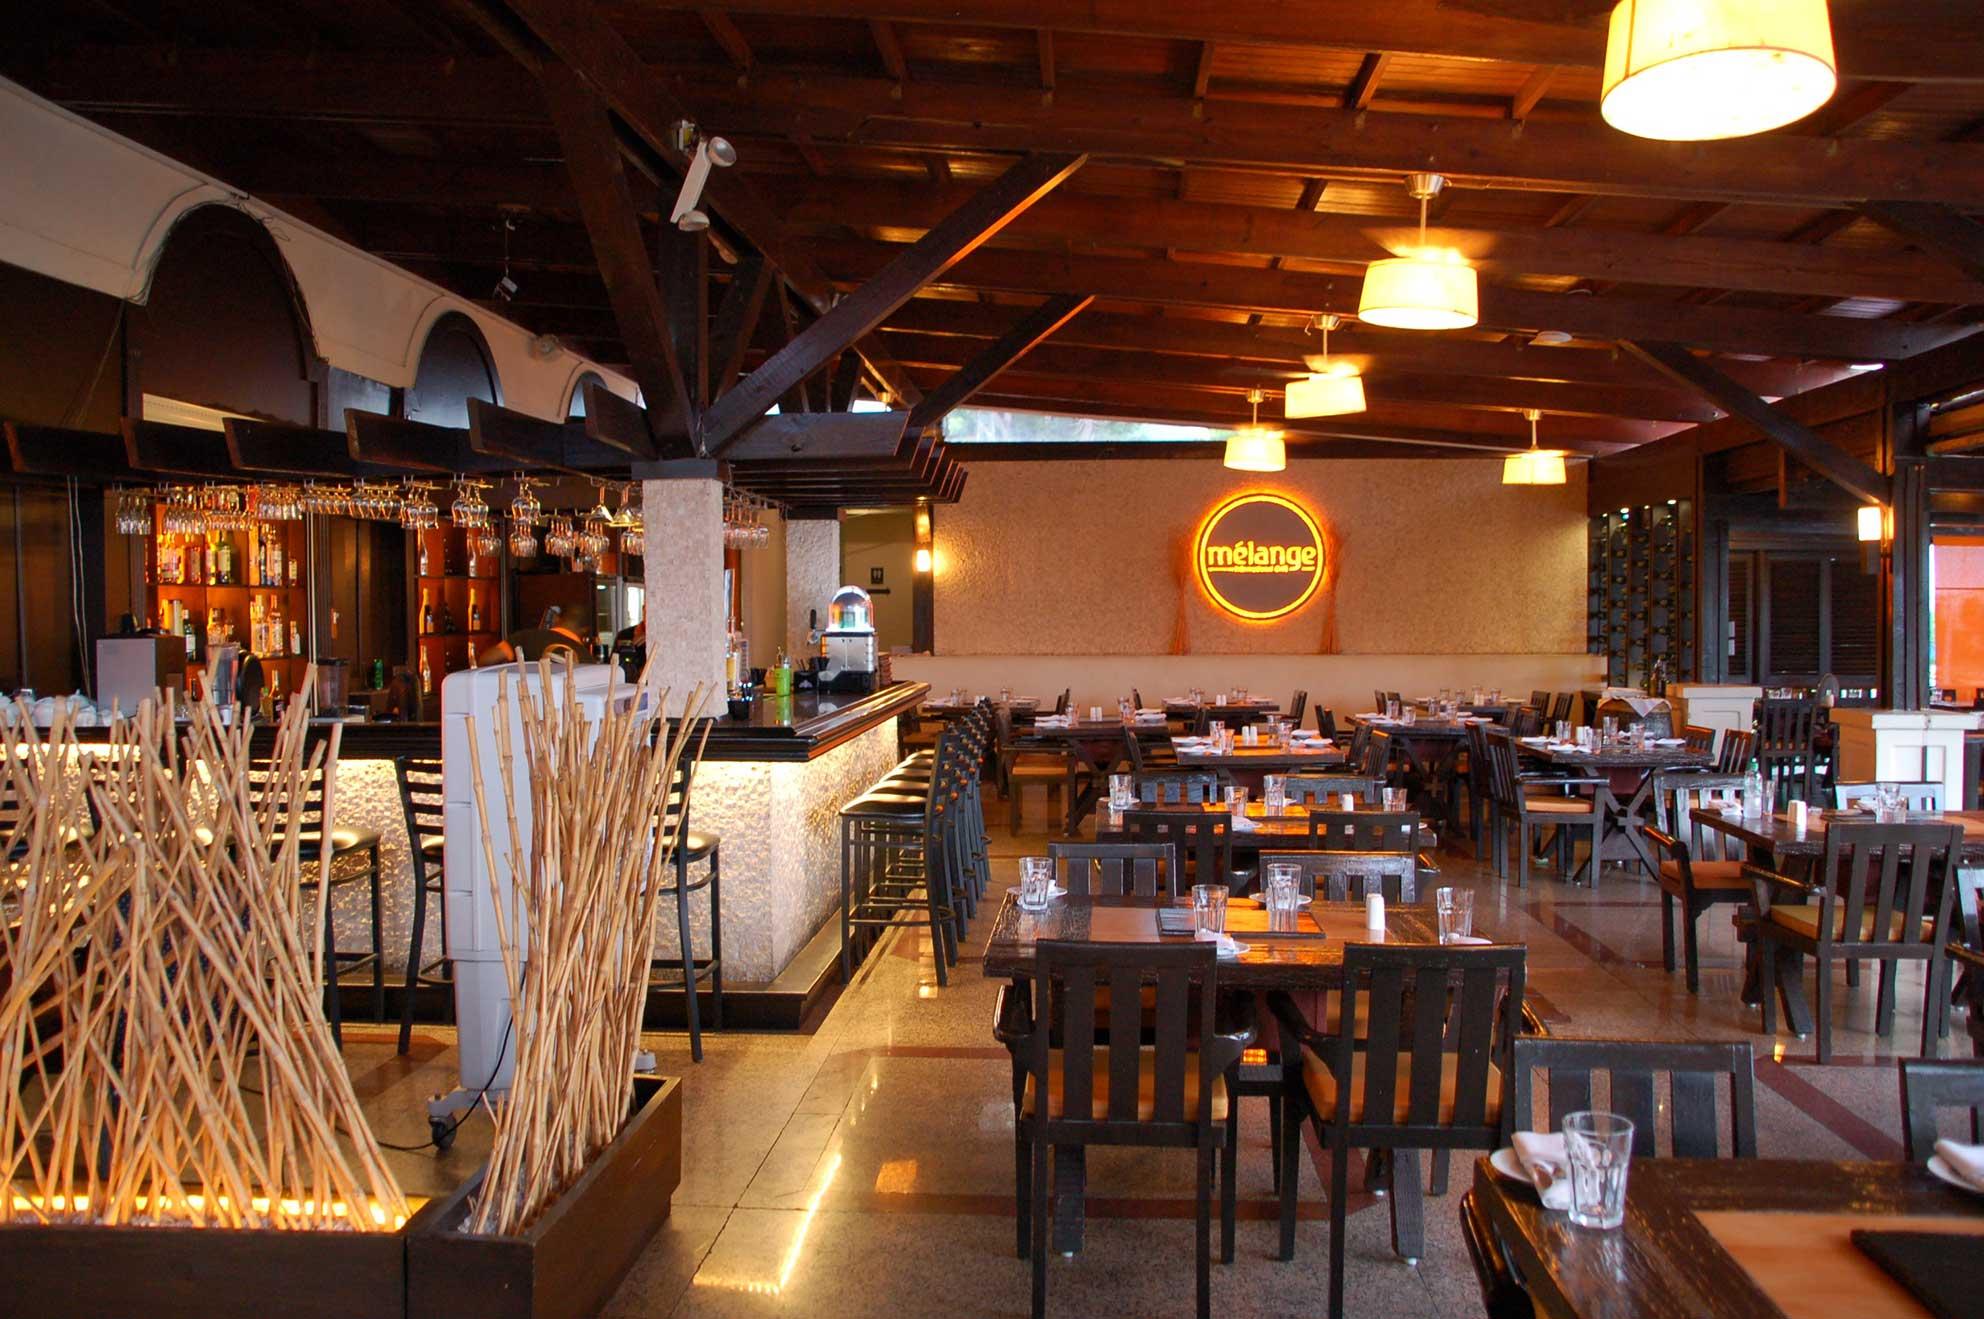 Melange restaurant Sint Maarten